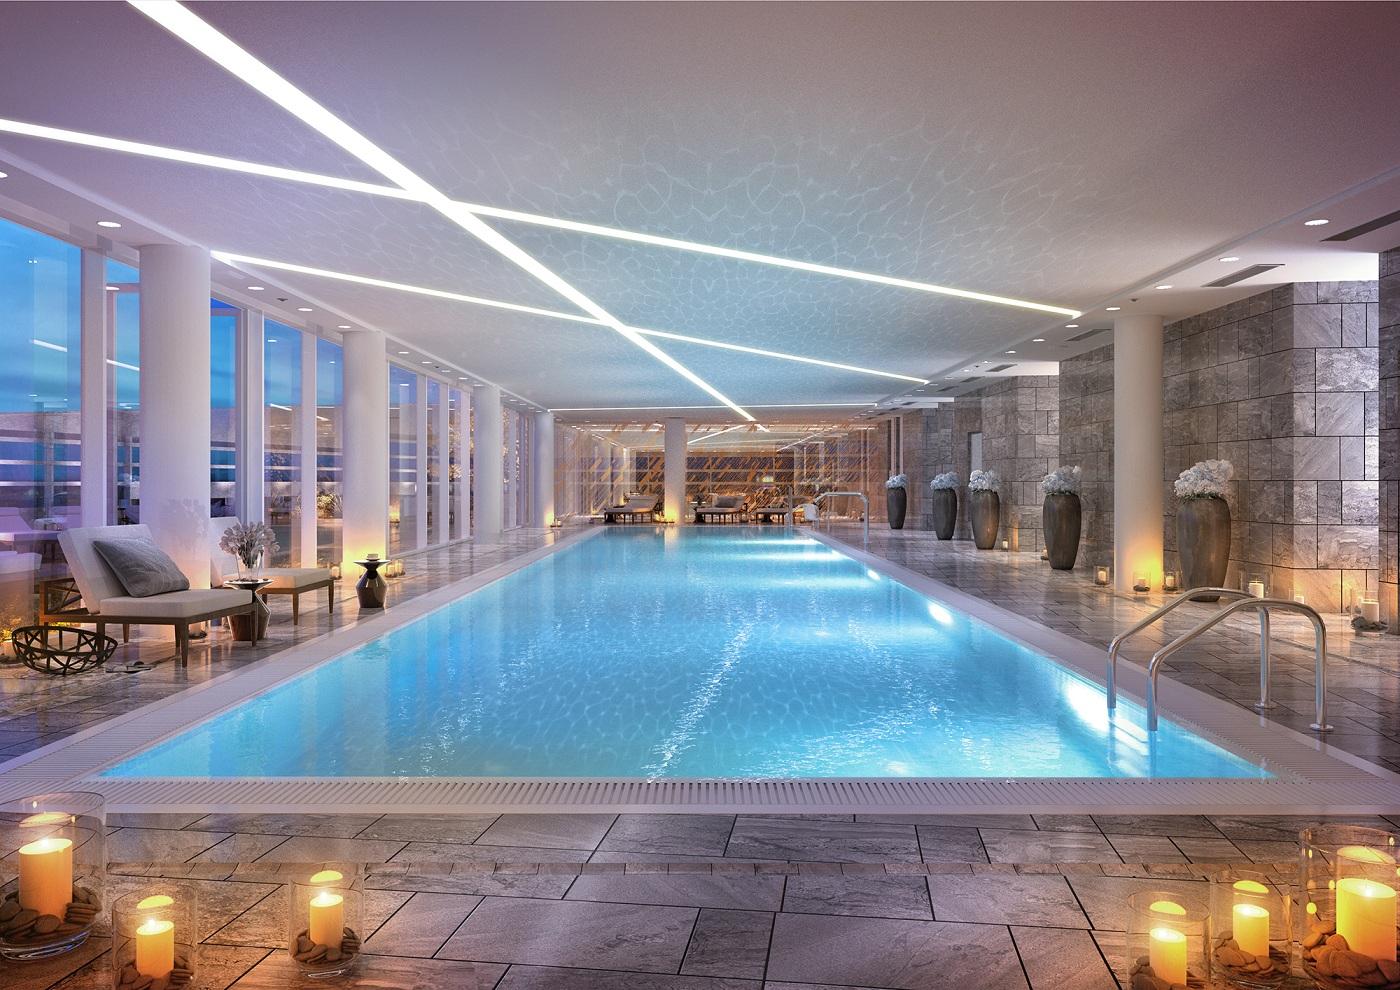 25-metrowy basen - Złota 44 (fot. materiały prasowe)